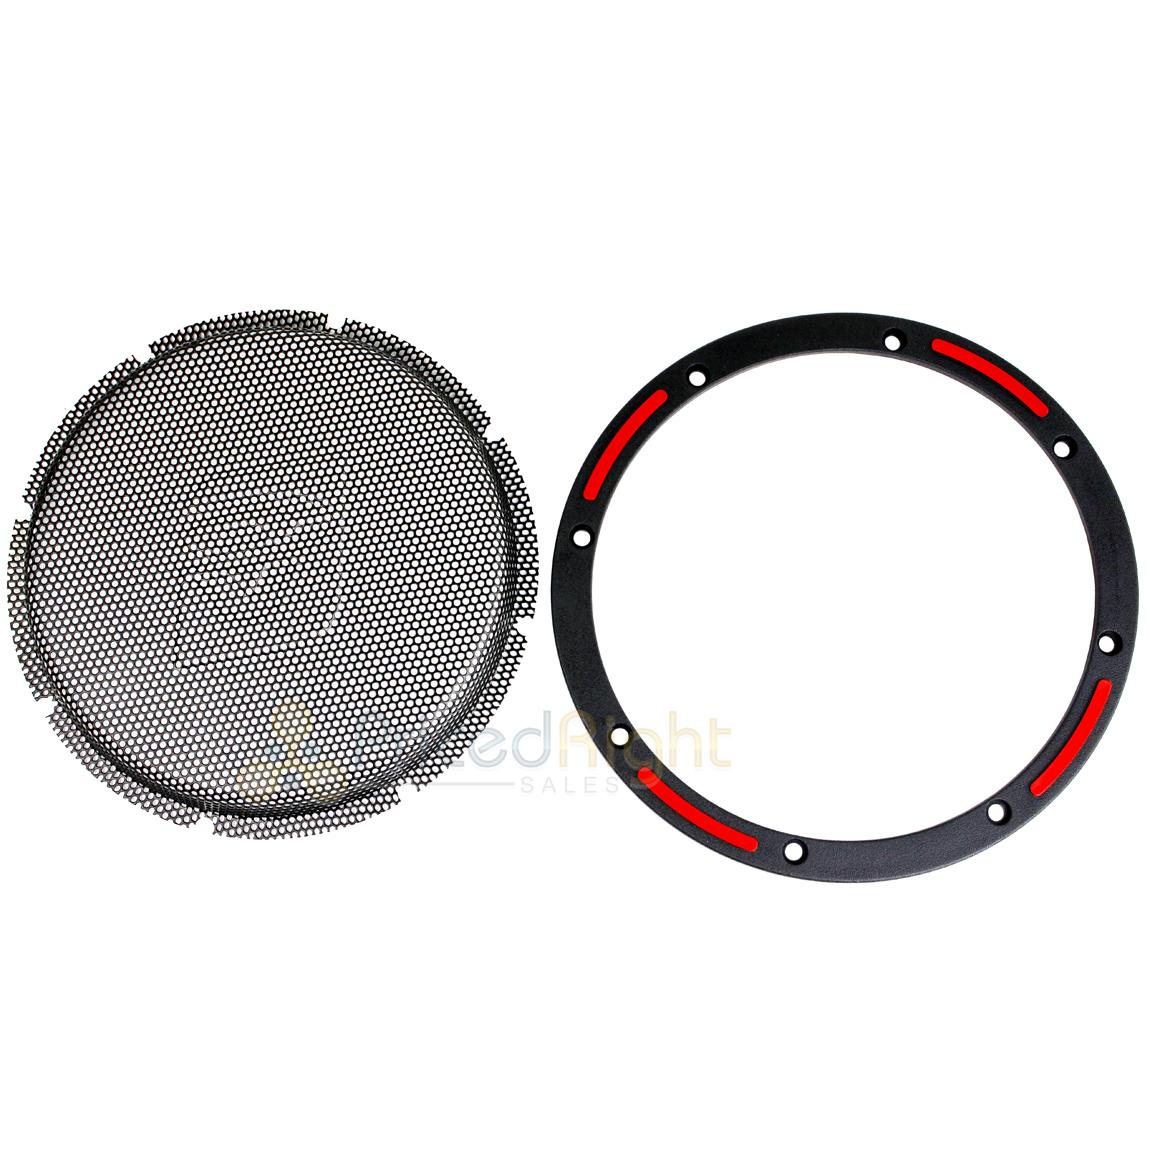 10 Subwoofer Mesh Grill Speaker Accessory Black/Cerwin Vega H710GRL for H7104D